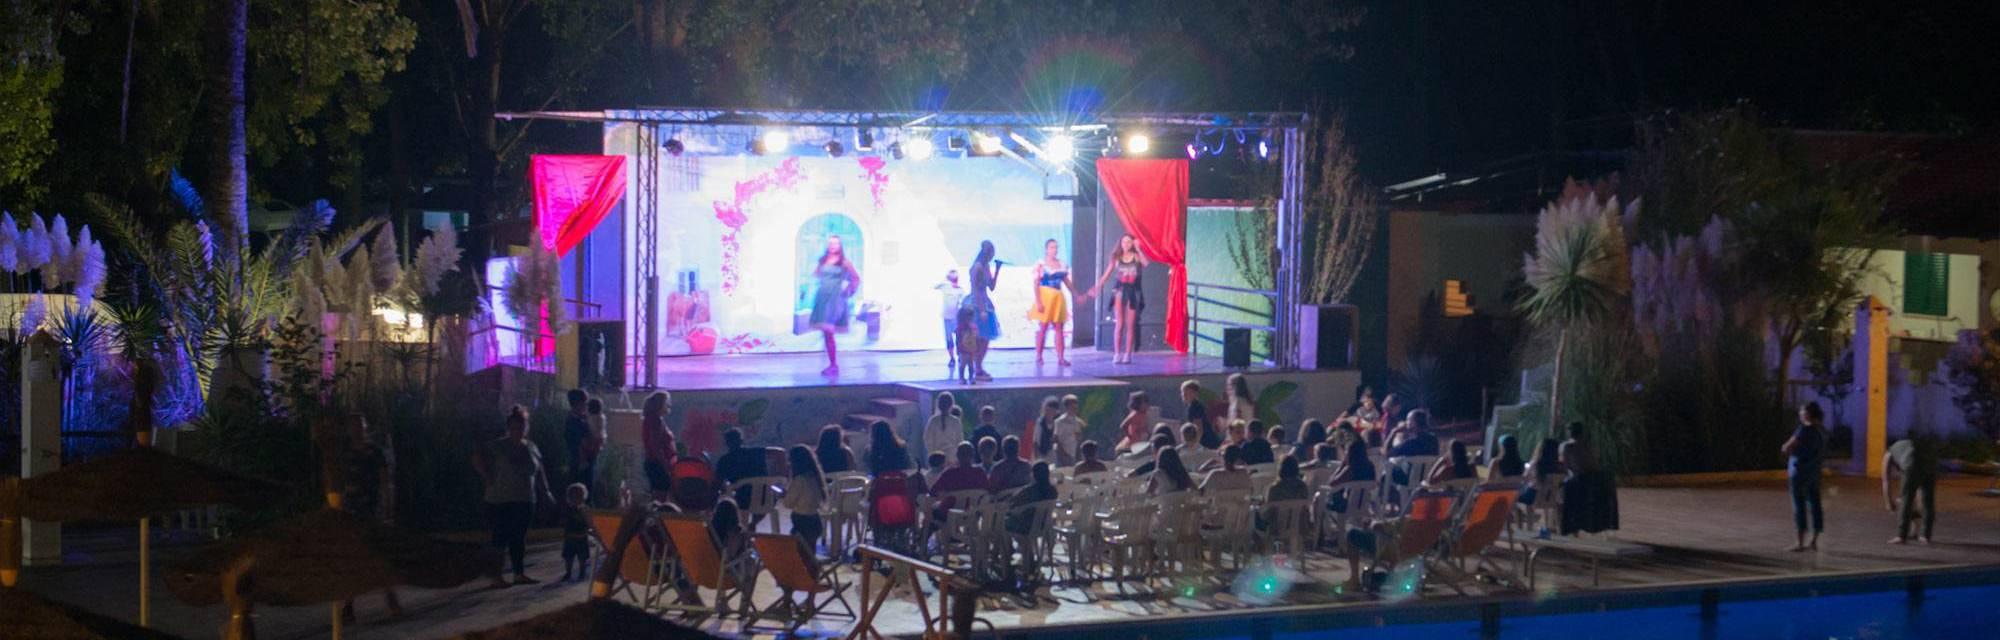 Spettacoli serali al Marbella Club